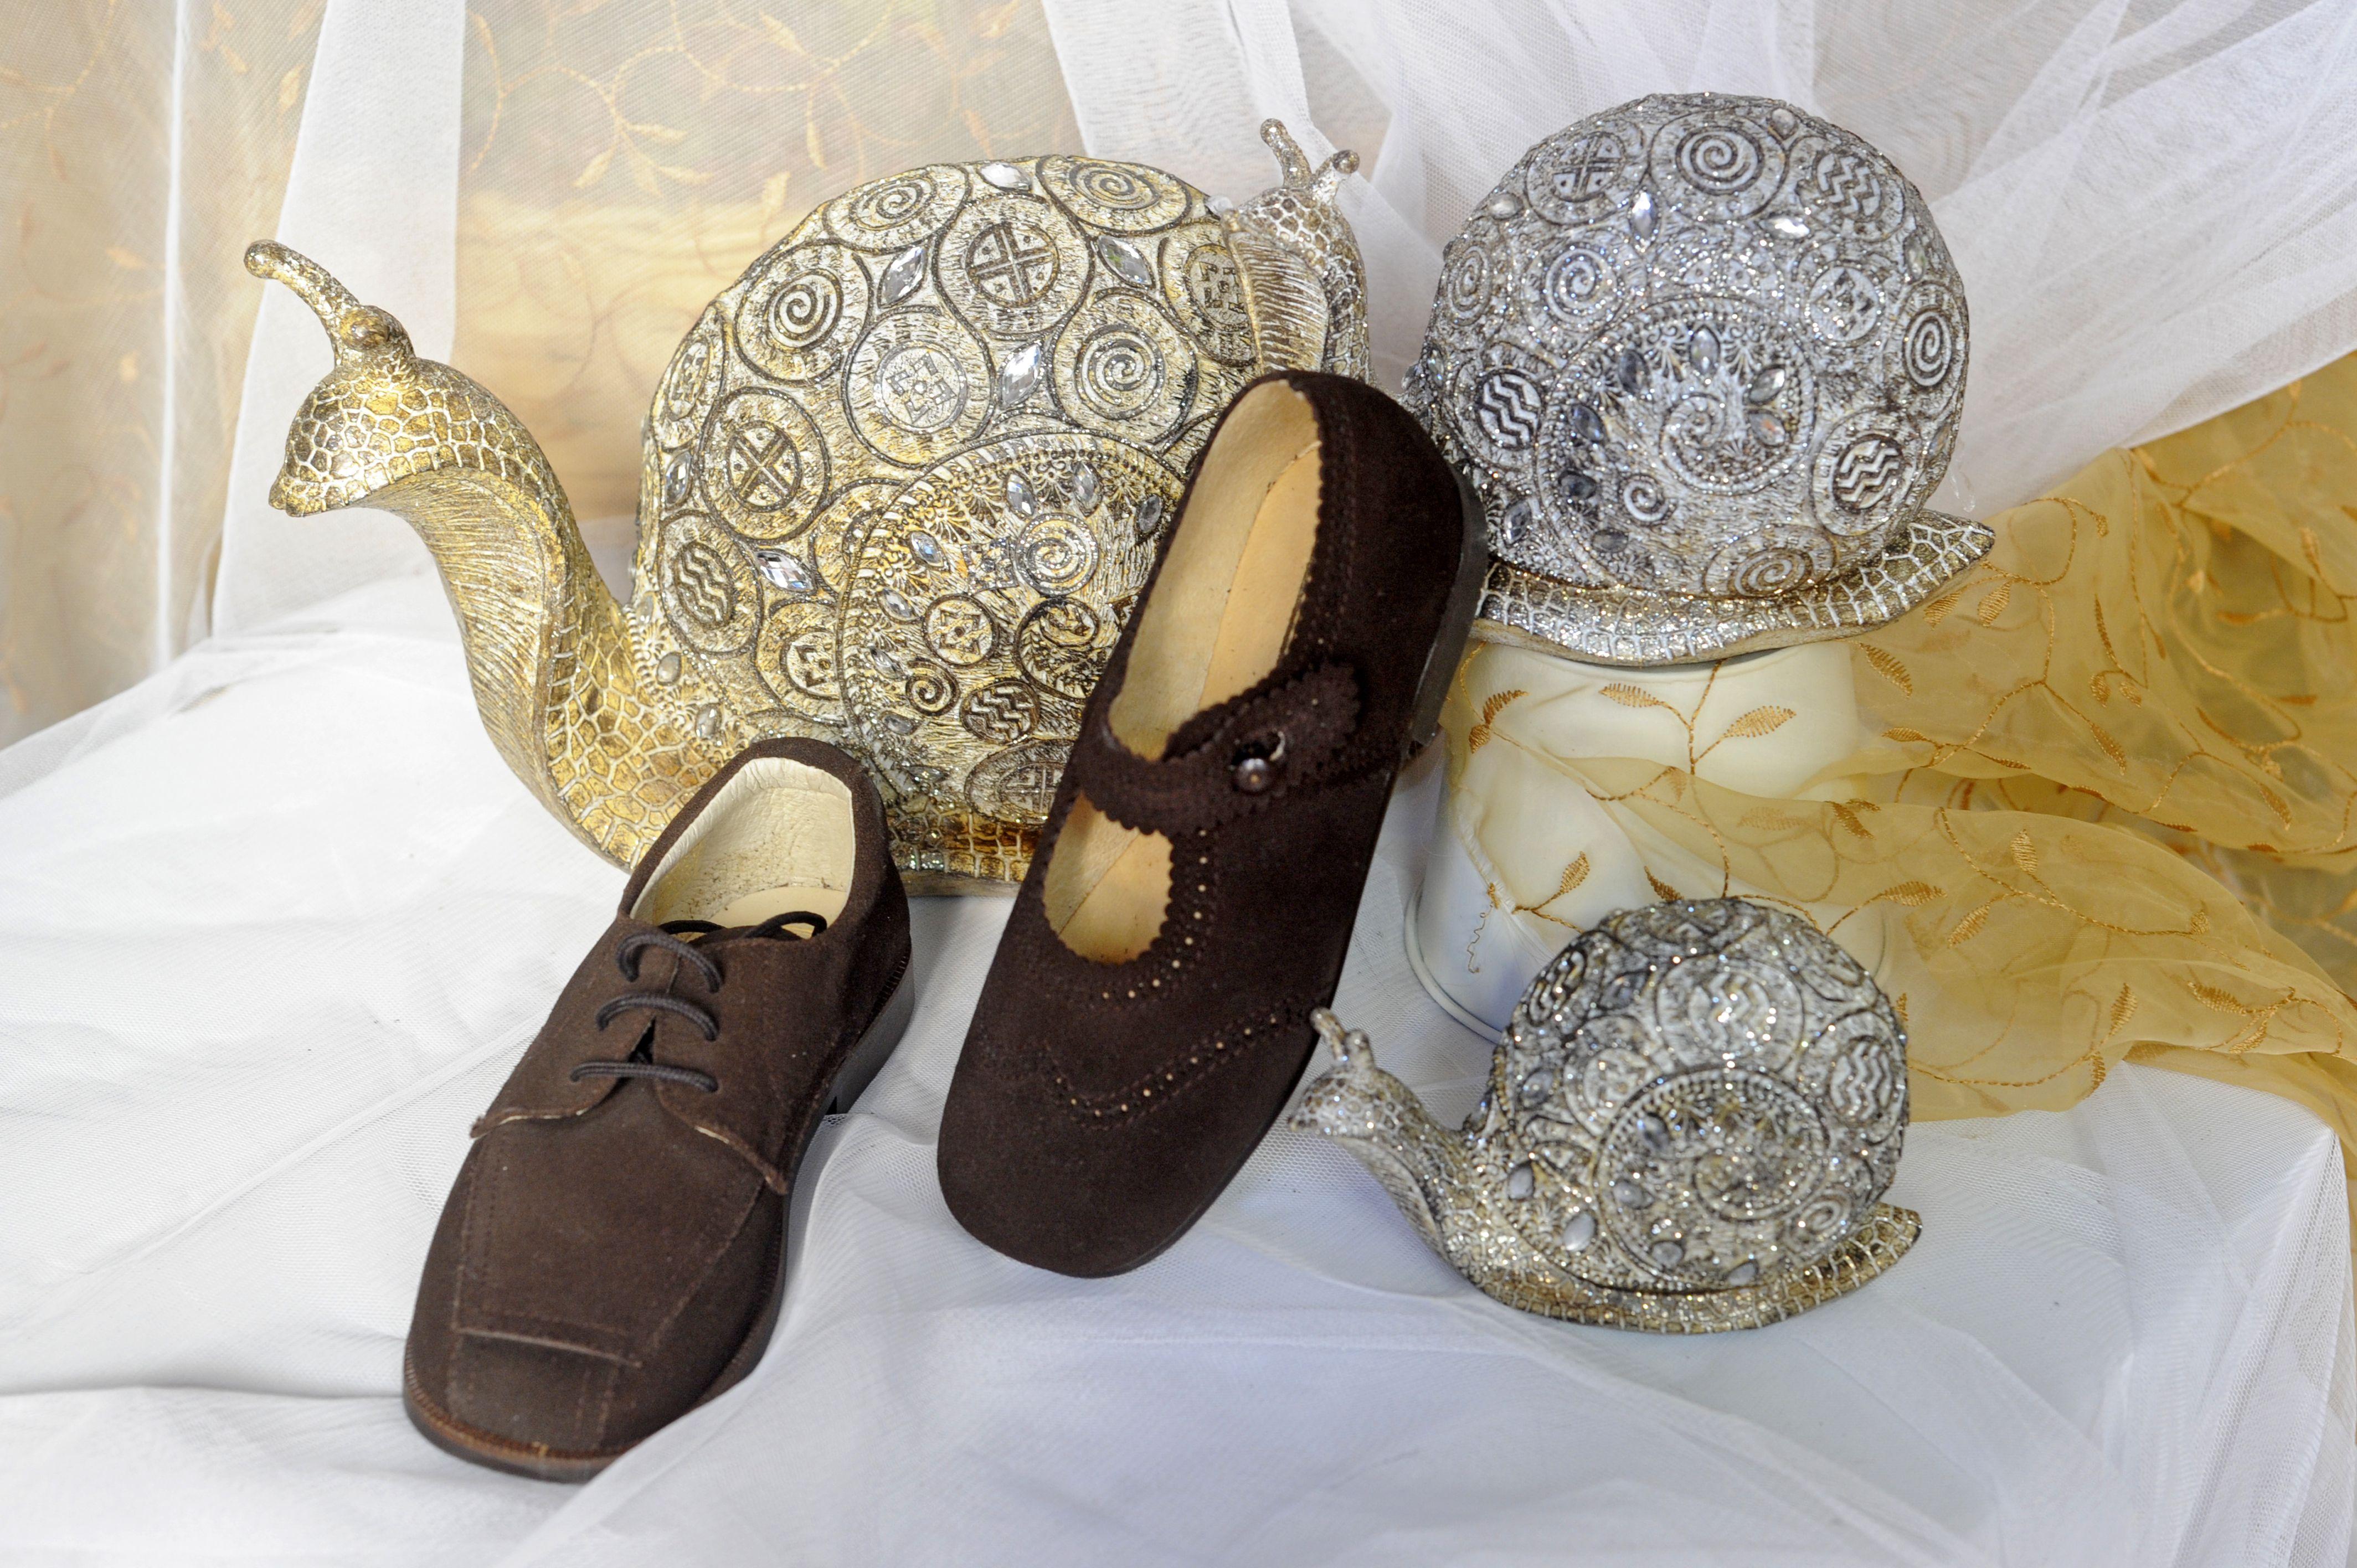 Zapaterías con las mejores marcas de calzado infantil